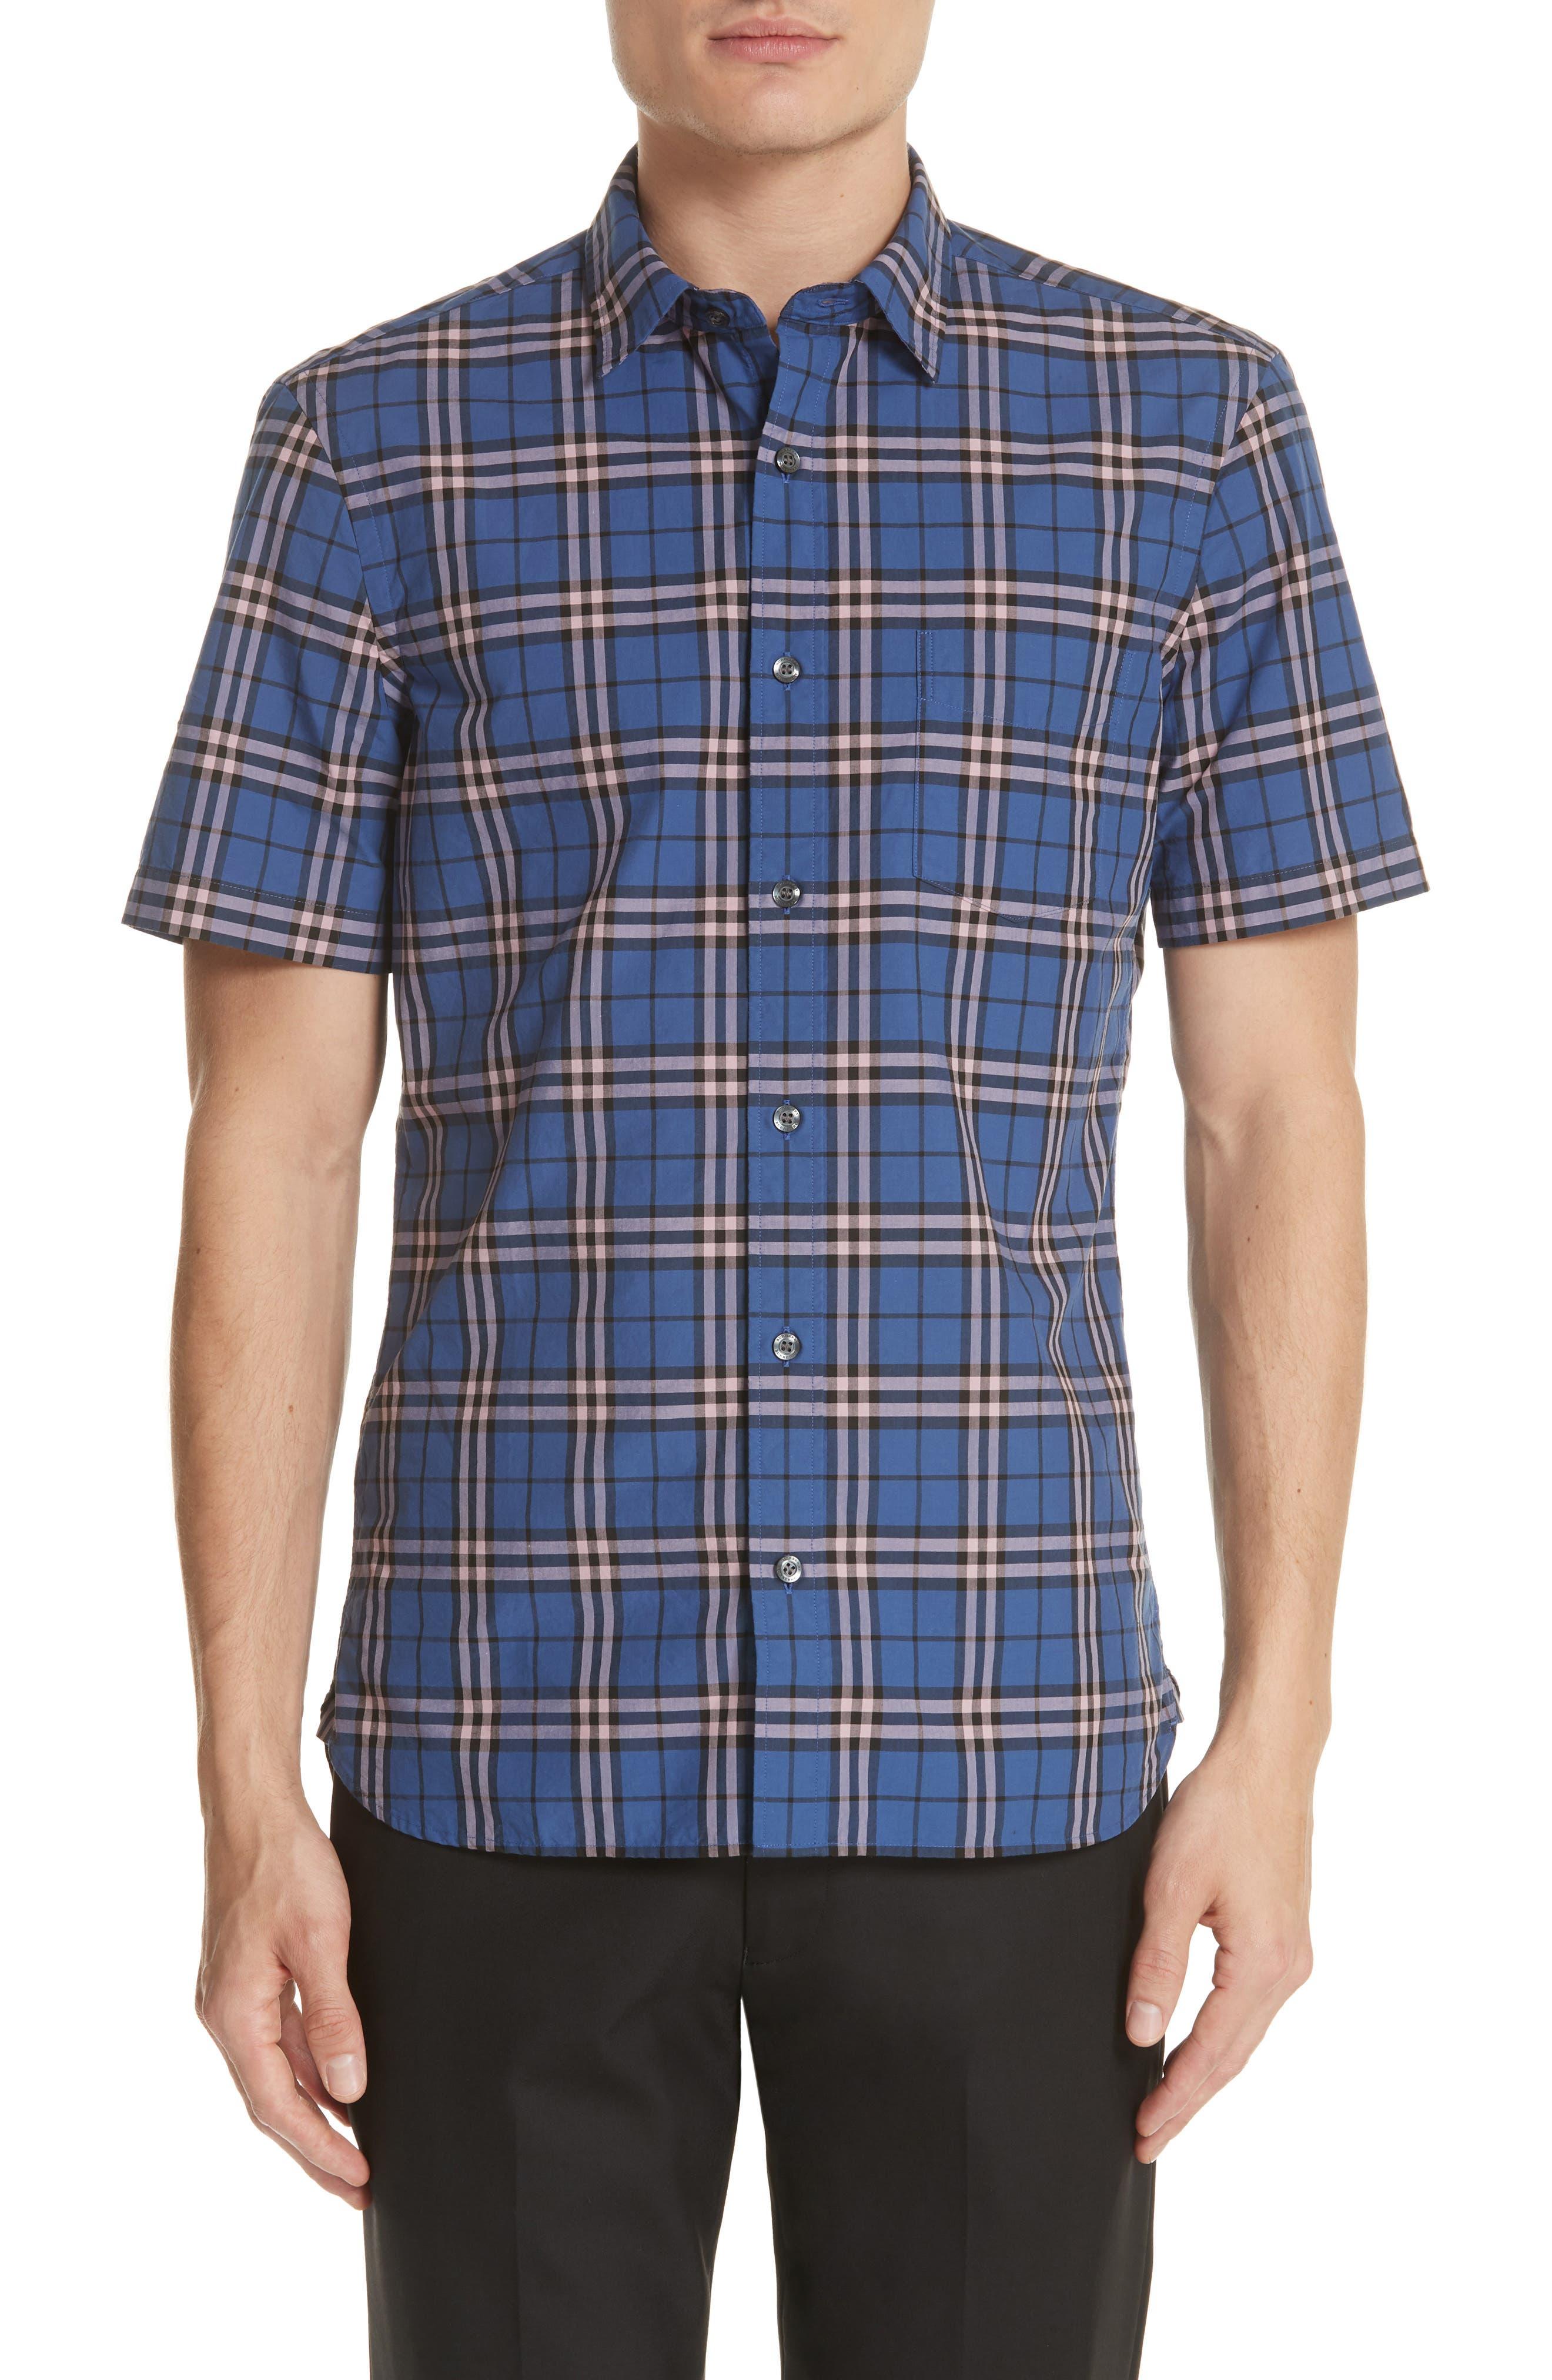 Alexander Check Shirt,                             Main thumbnail 1, color,                             409